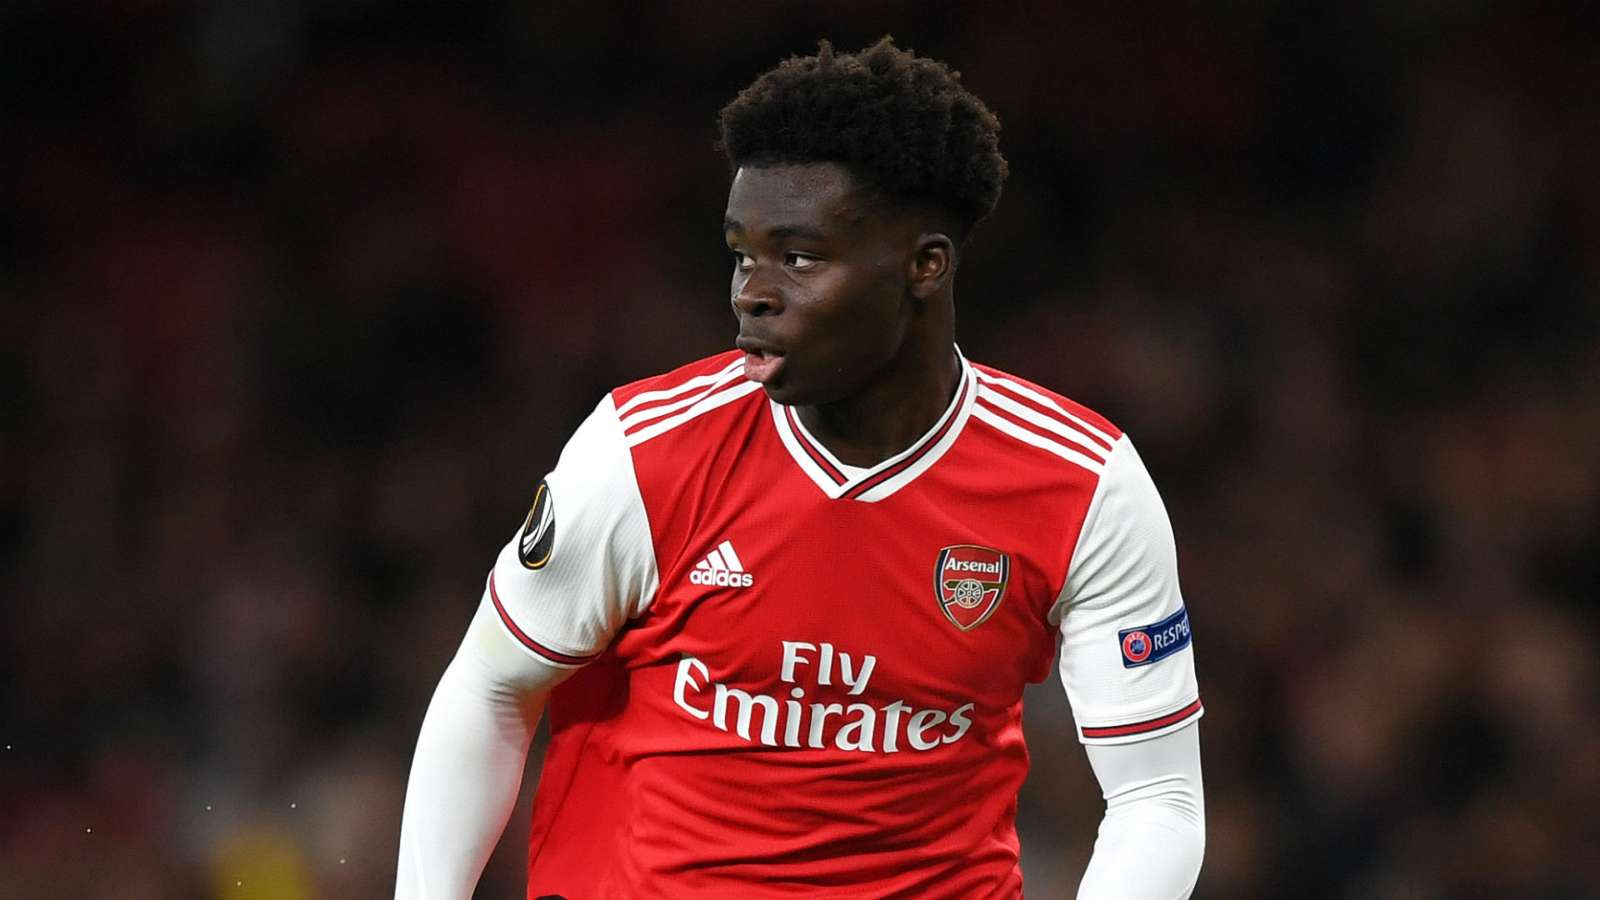 Bukayo Saka Arsenal 2019-20